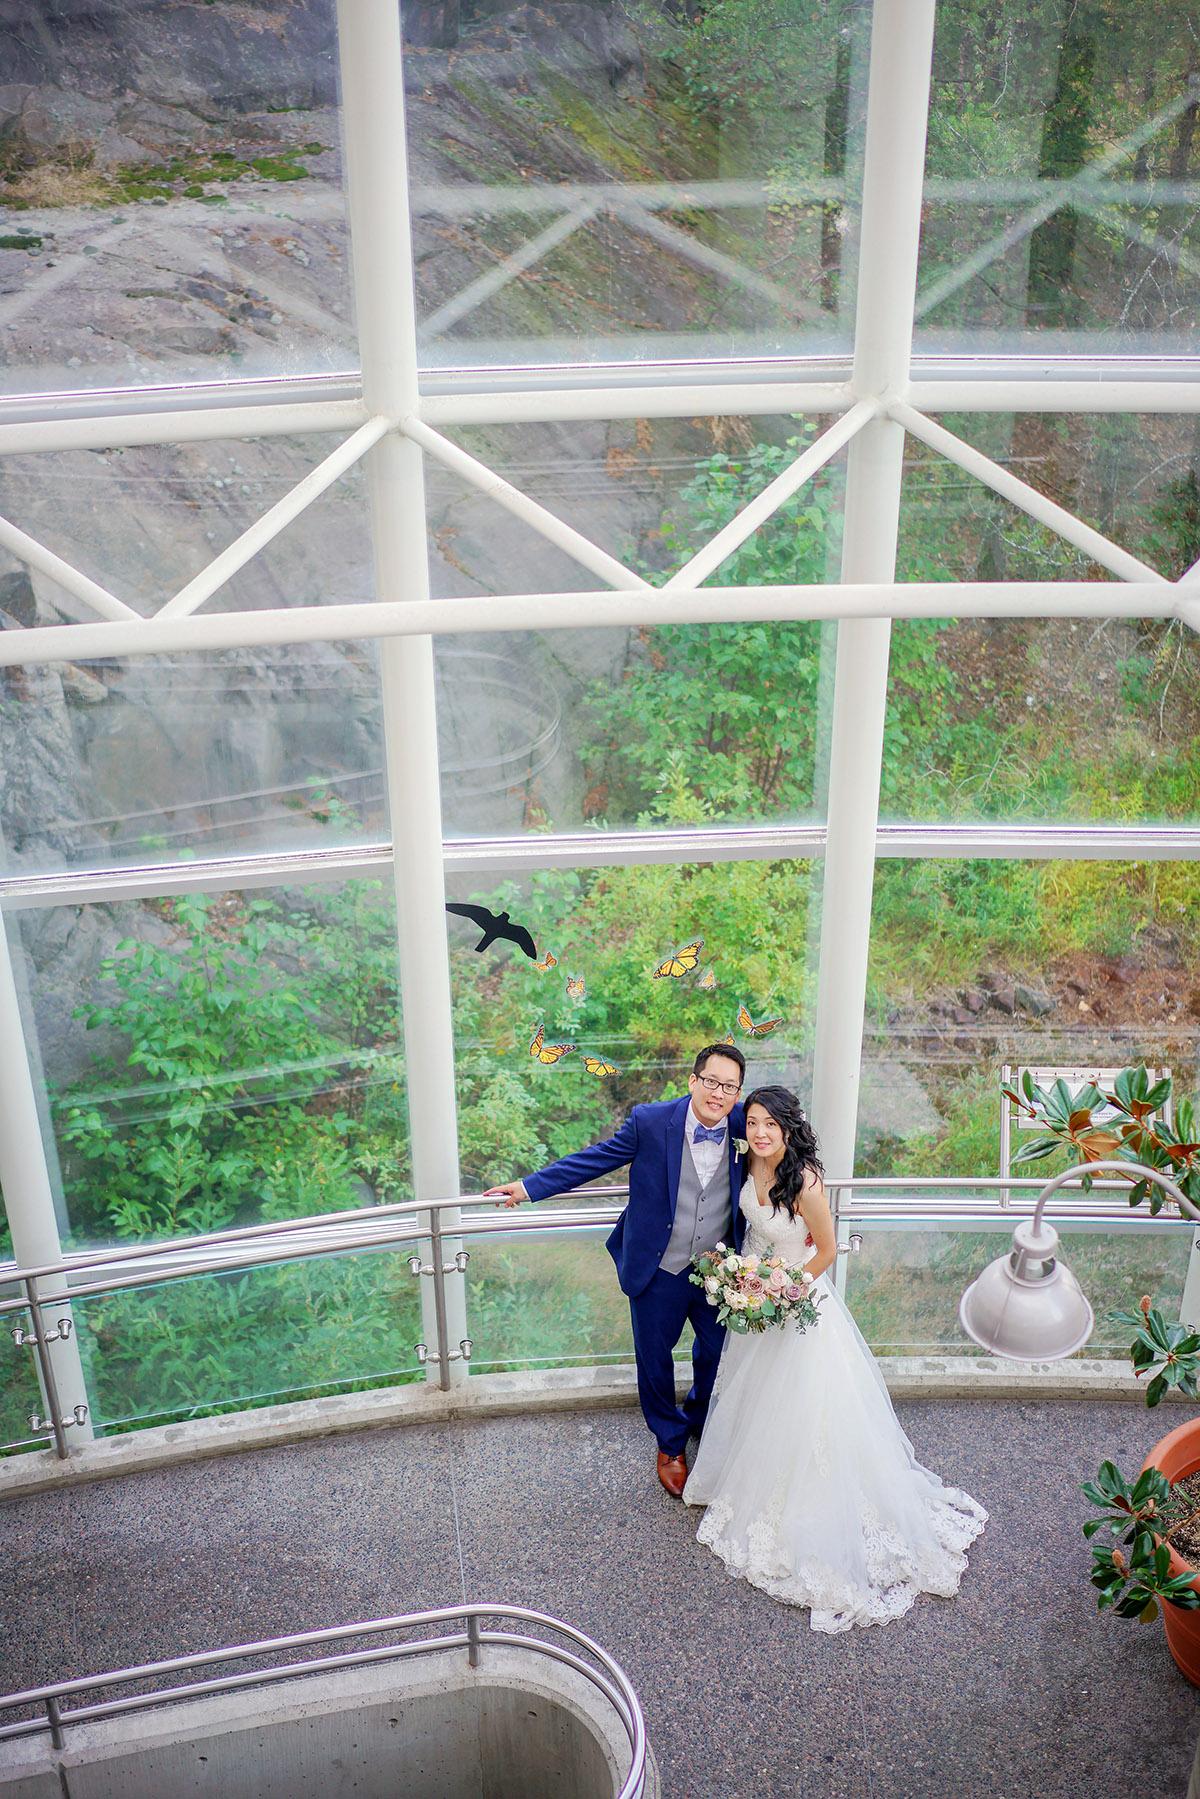 Vanessa & Dan wedding slide show…